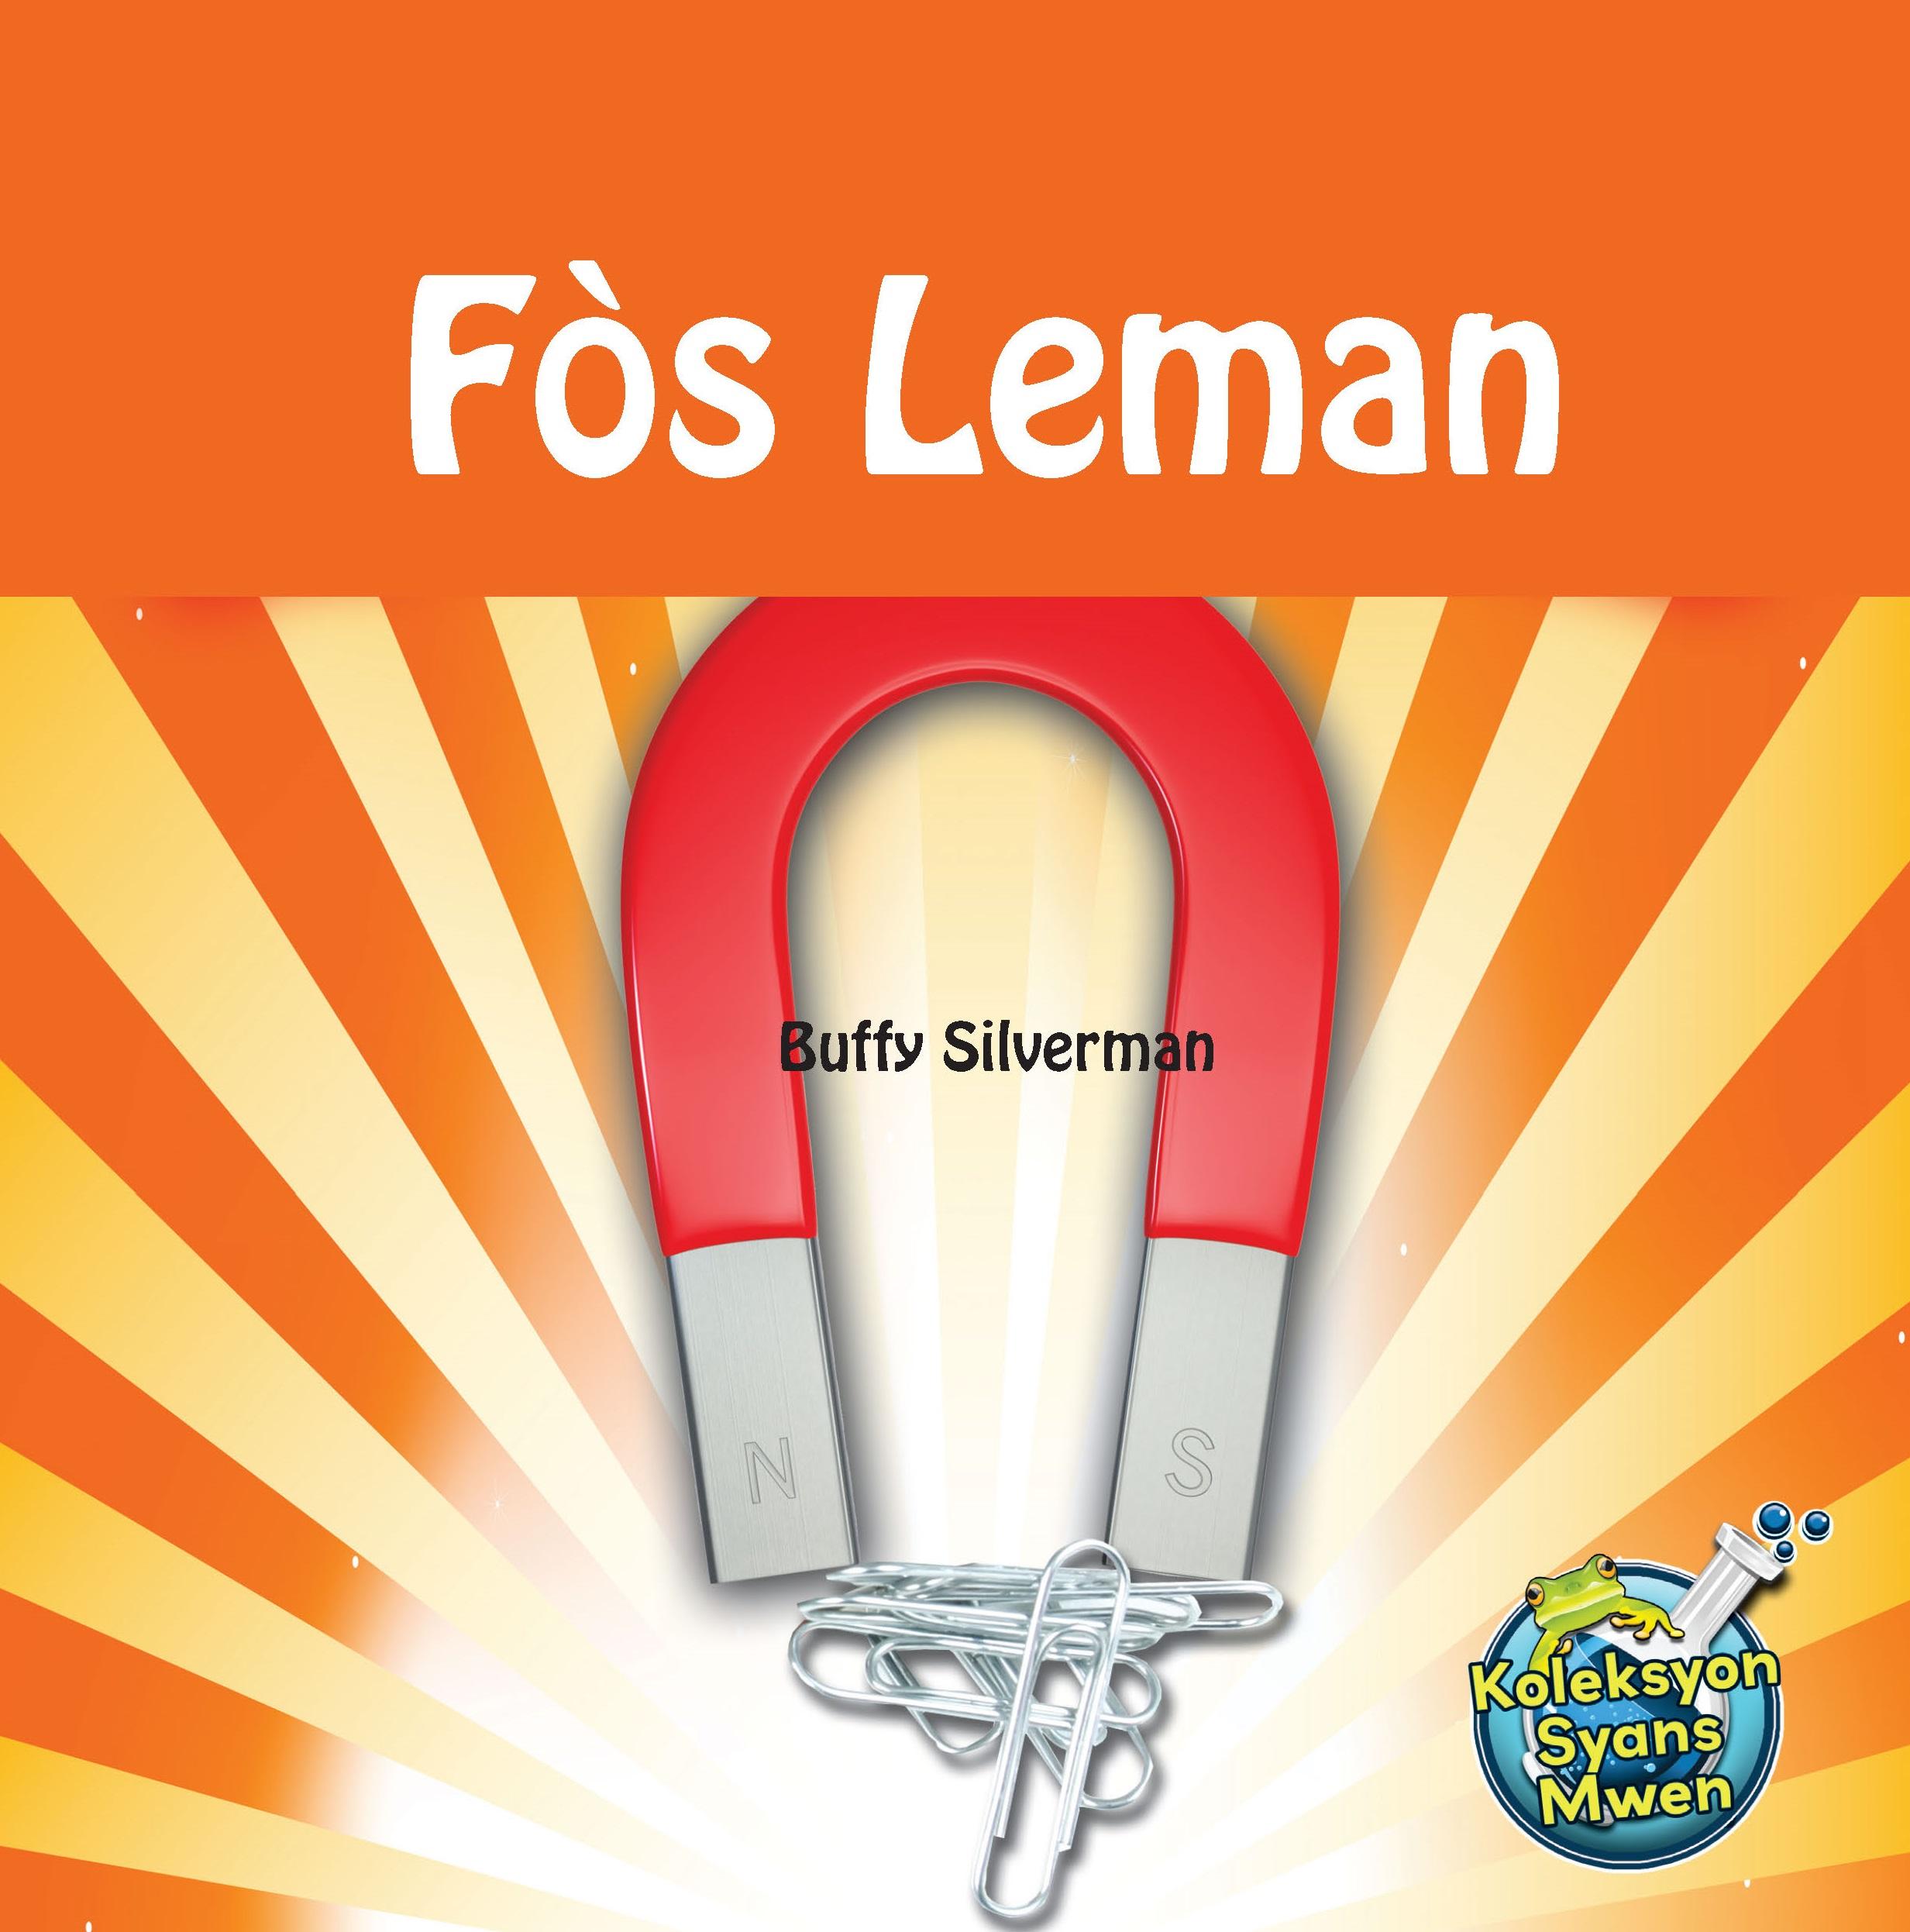 Fòs Leman